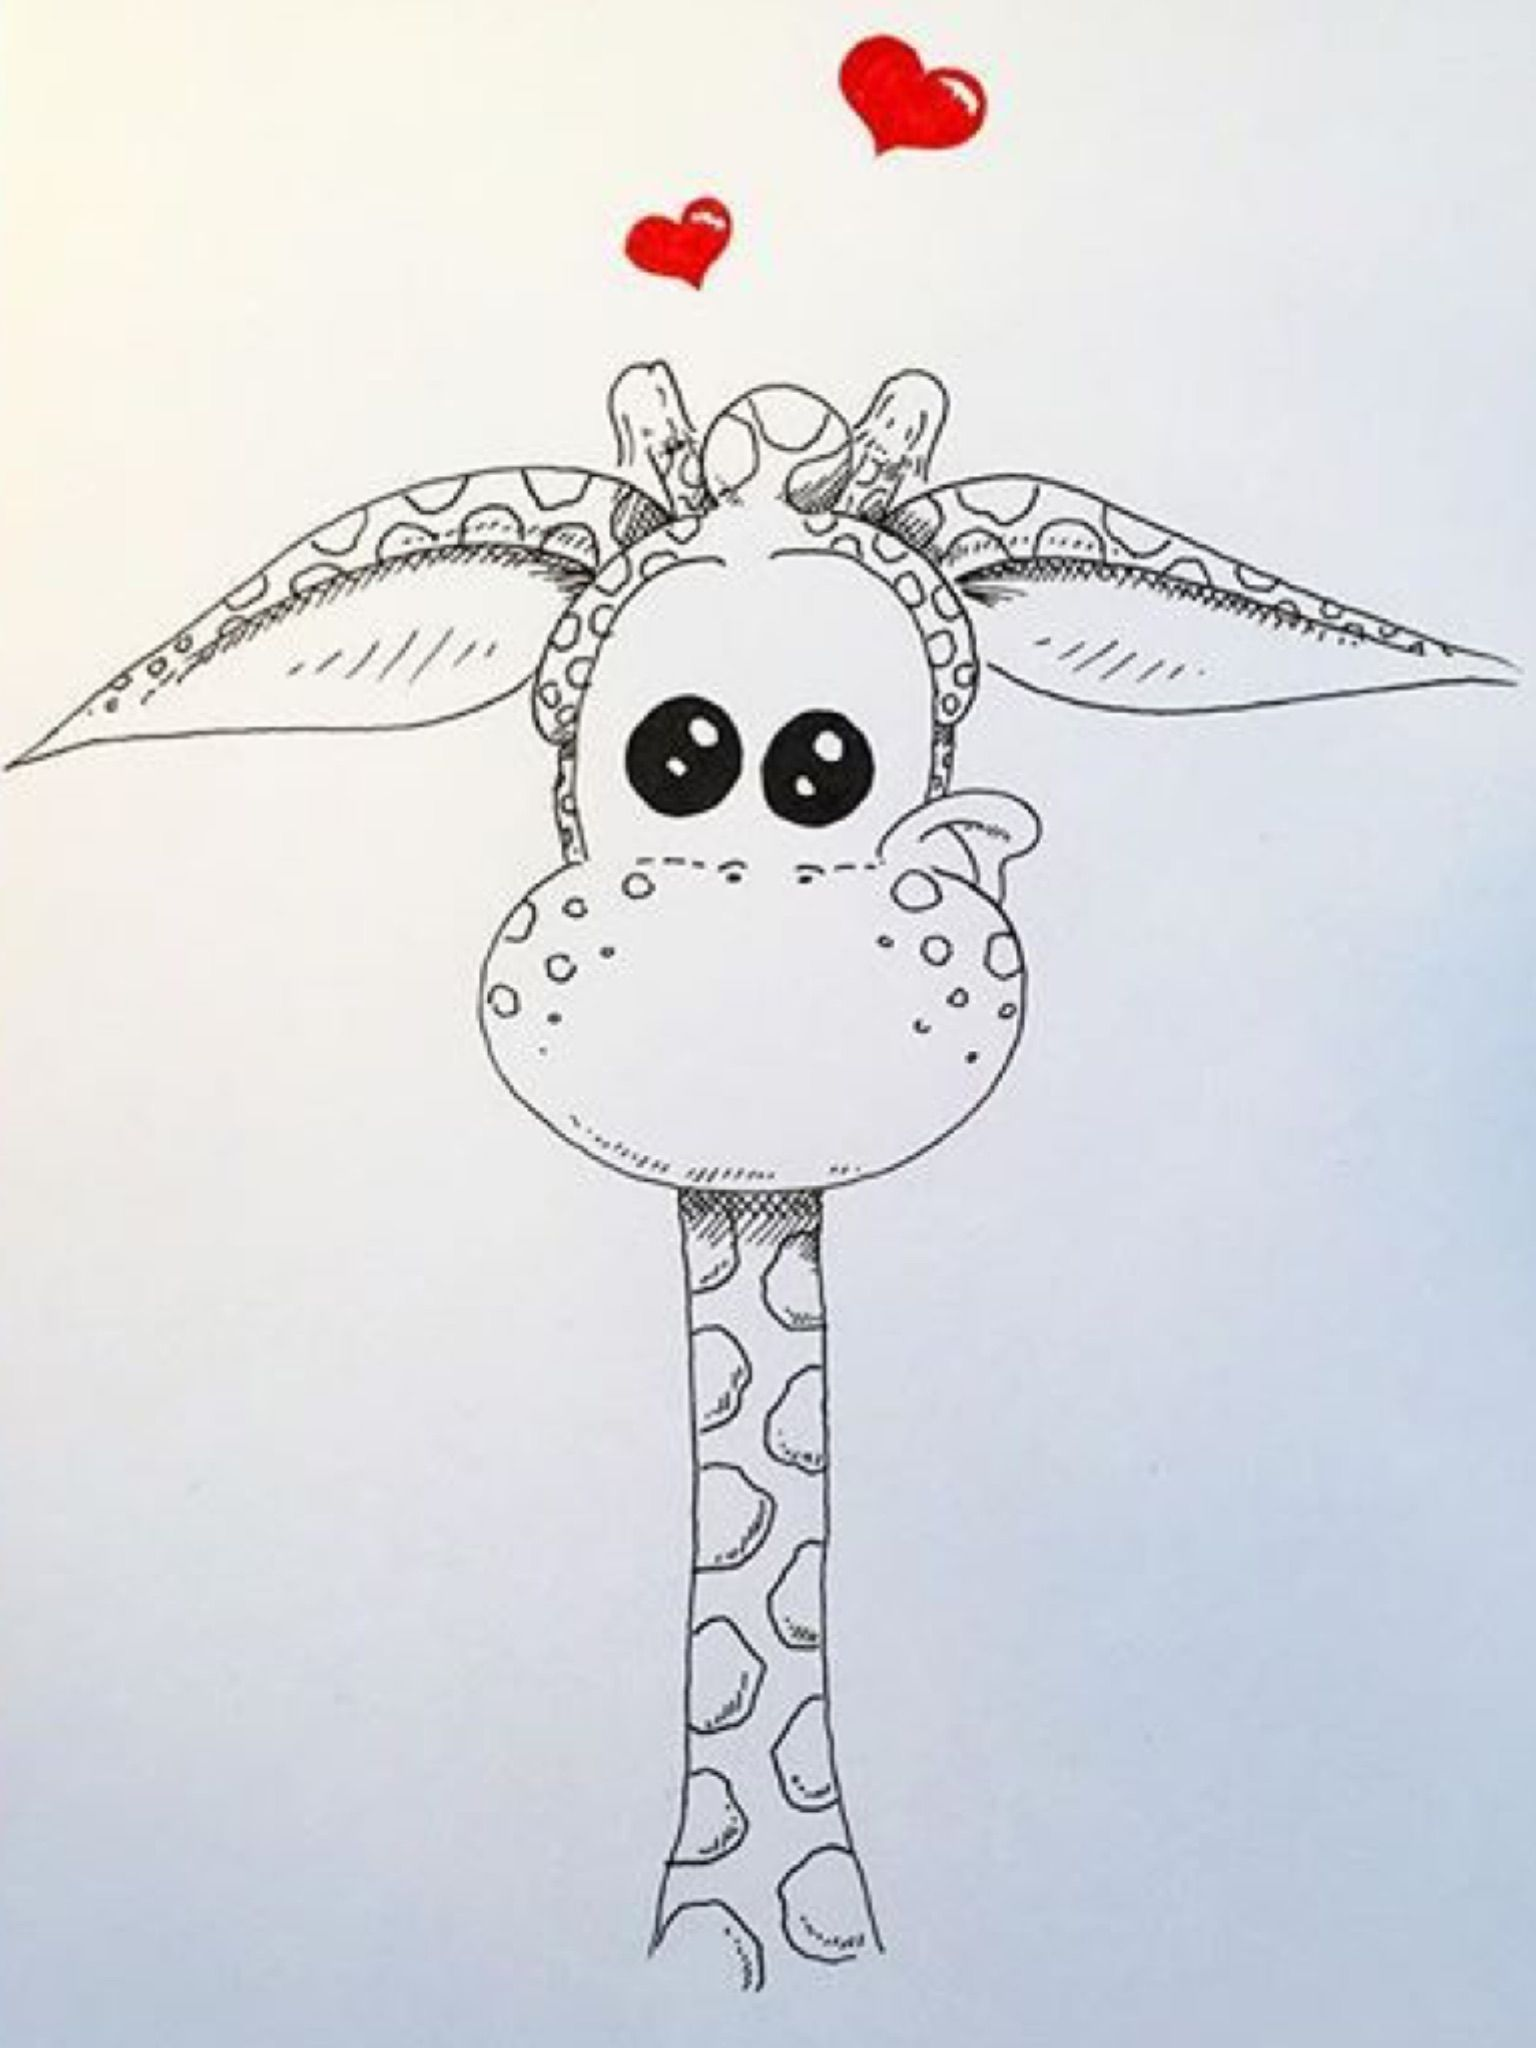 Dibujo De Lapiz Dibujos Bonitos Dibujos Sencillos Dibujos A Lapiz